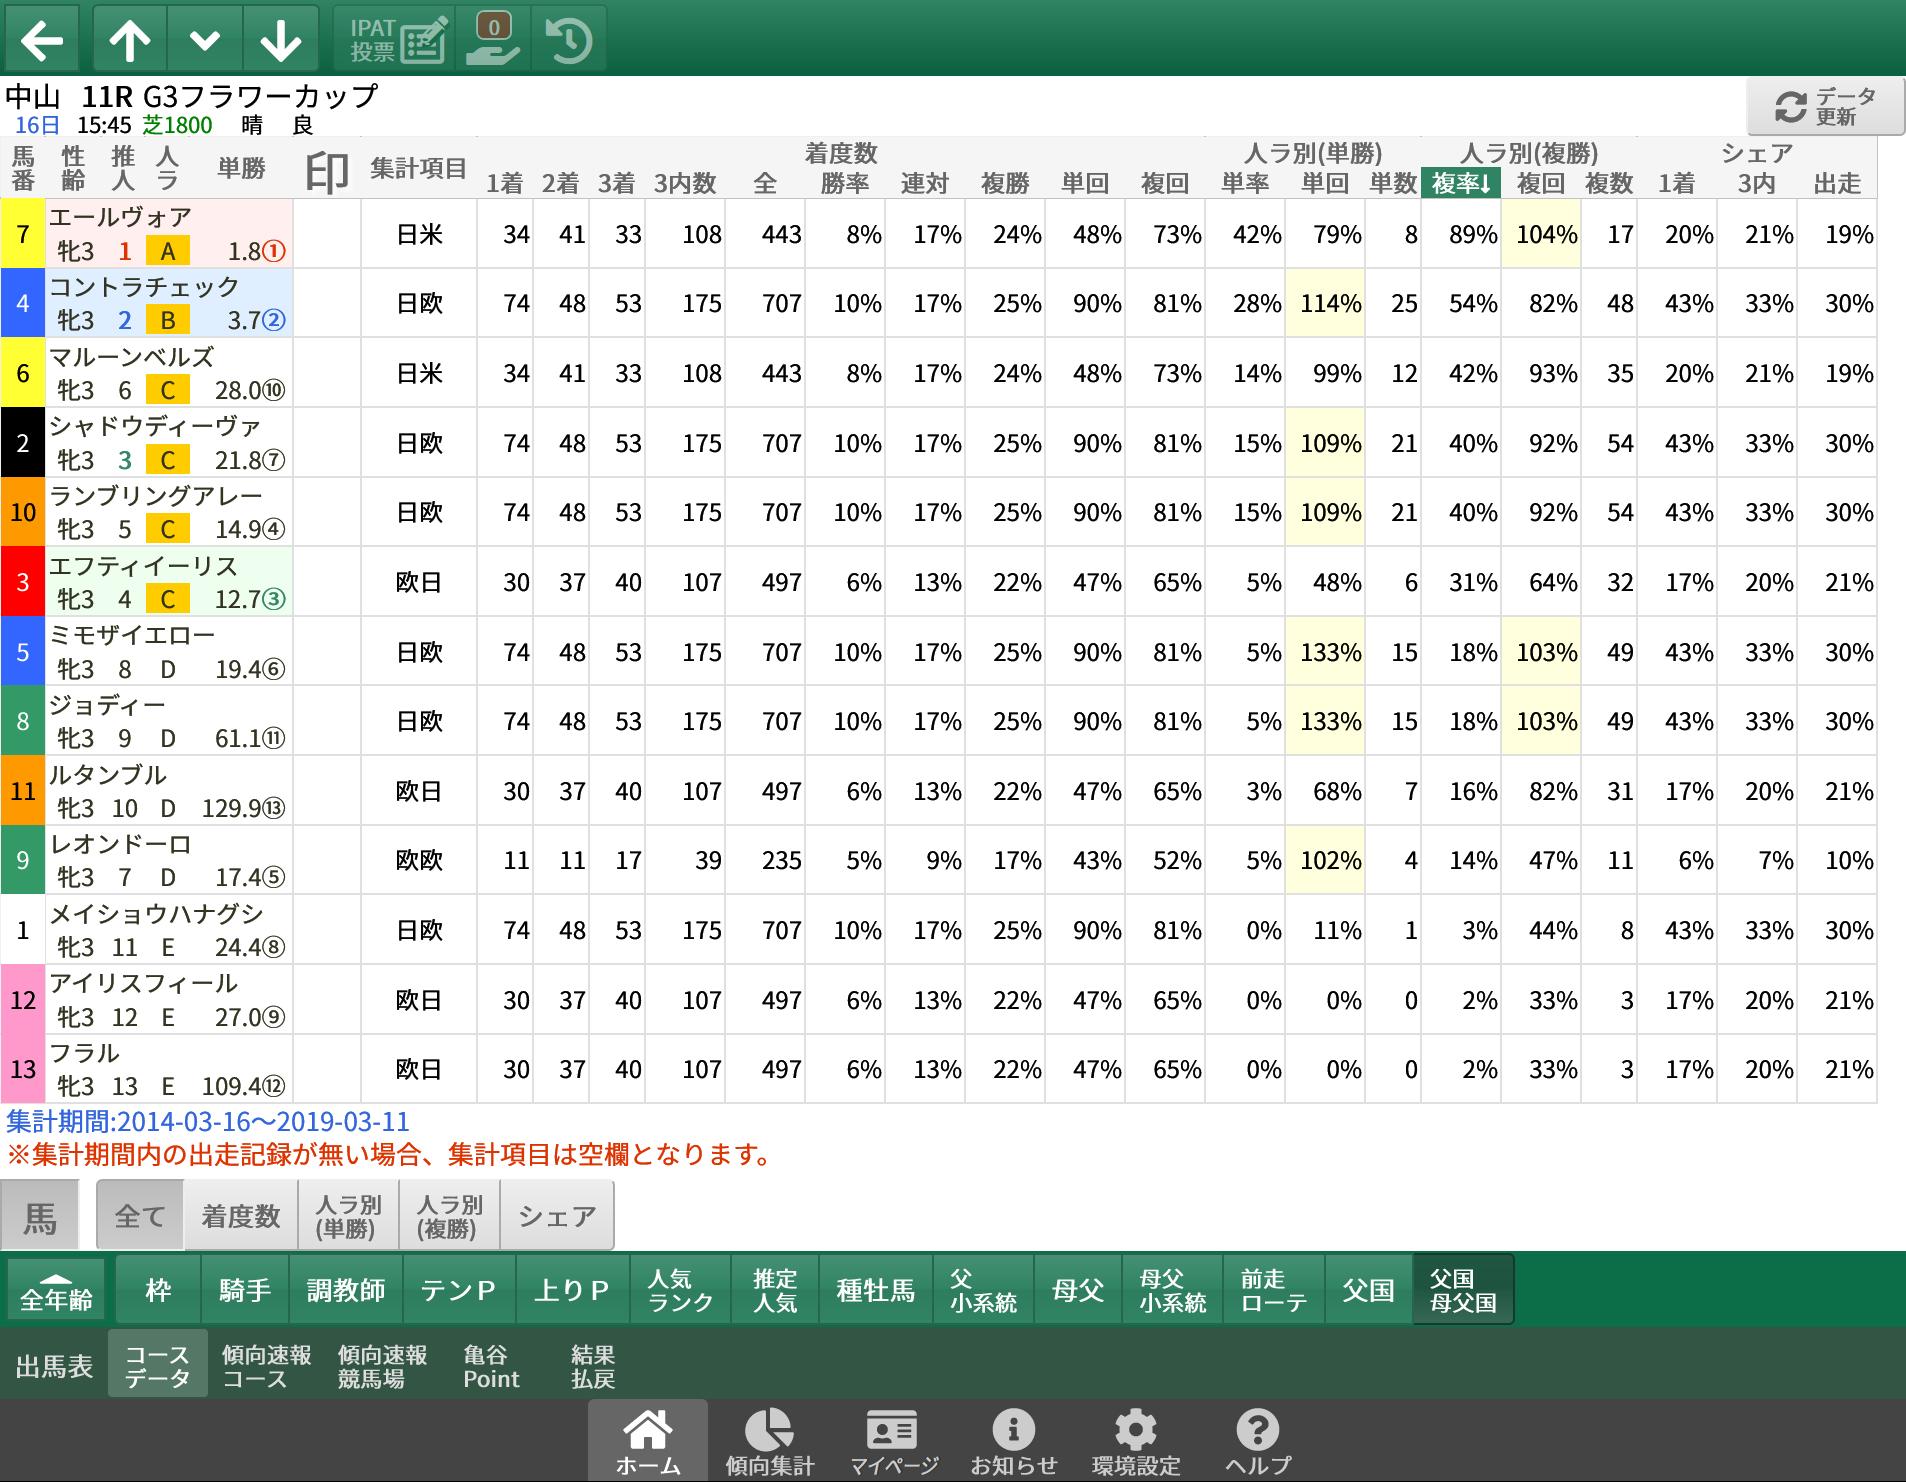 【無料公開】 フラワーC / 亀谷サロン限定公開中のスマート出馬表・次期バージョン